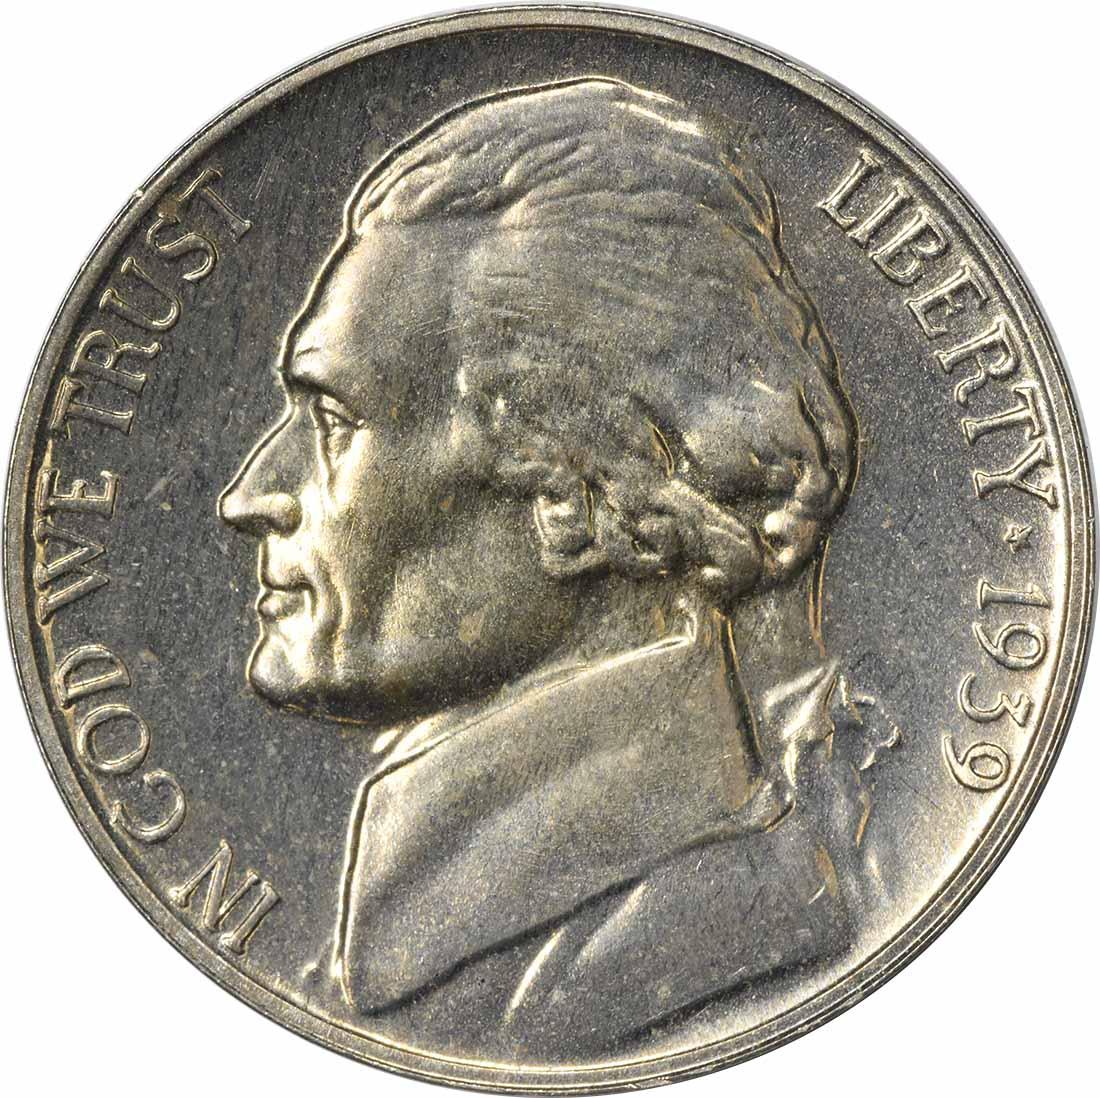 1939 Jefferson Nickel Reverse of 1938 PR64 Uncertified